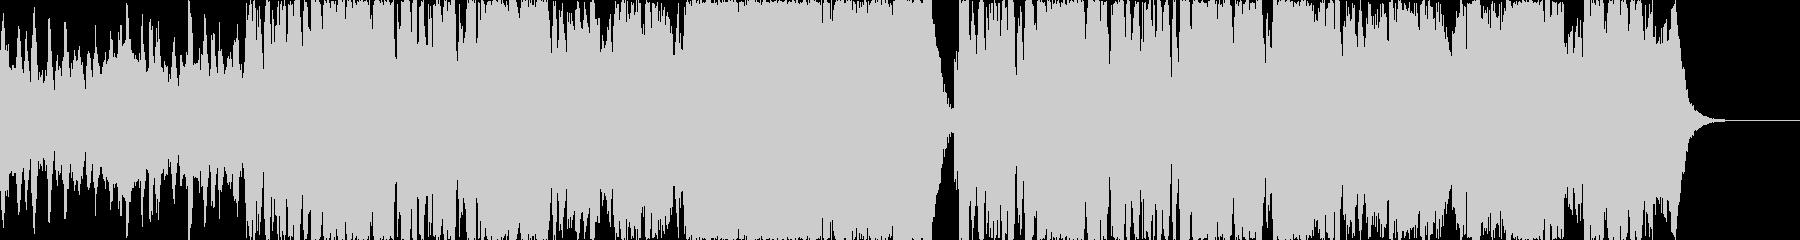 ダークなシーンに合うオーケストラBGMの未再生の波形